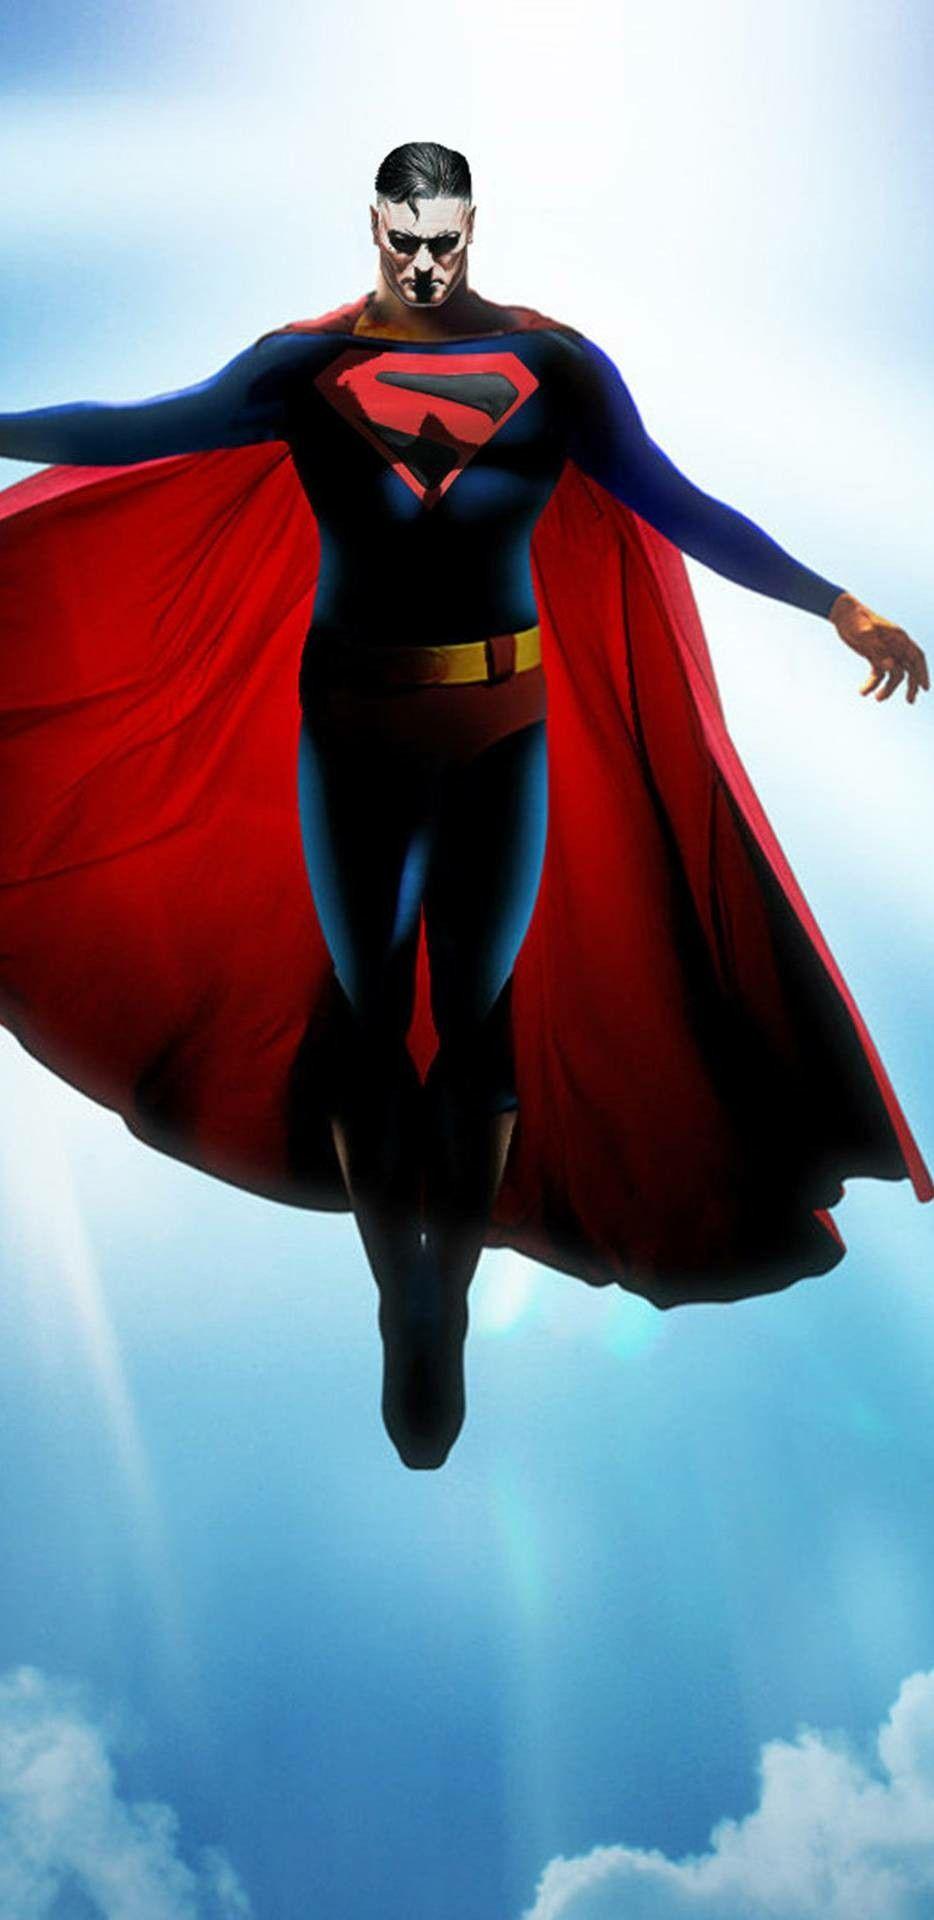 Pin de Diego Di Marco en Superman | Pinterest | Nerd, Arte de cómics ...